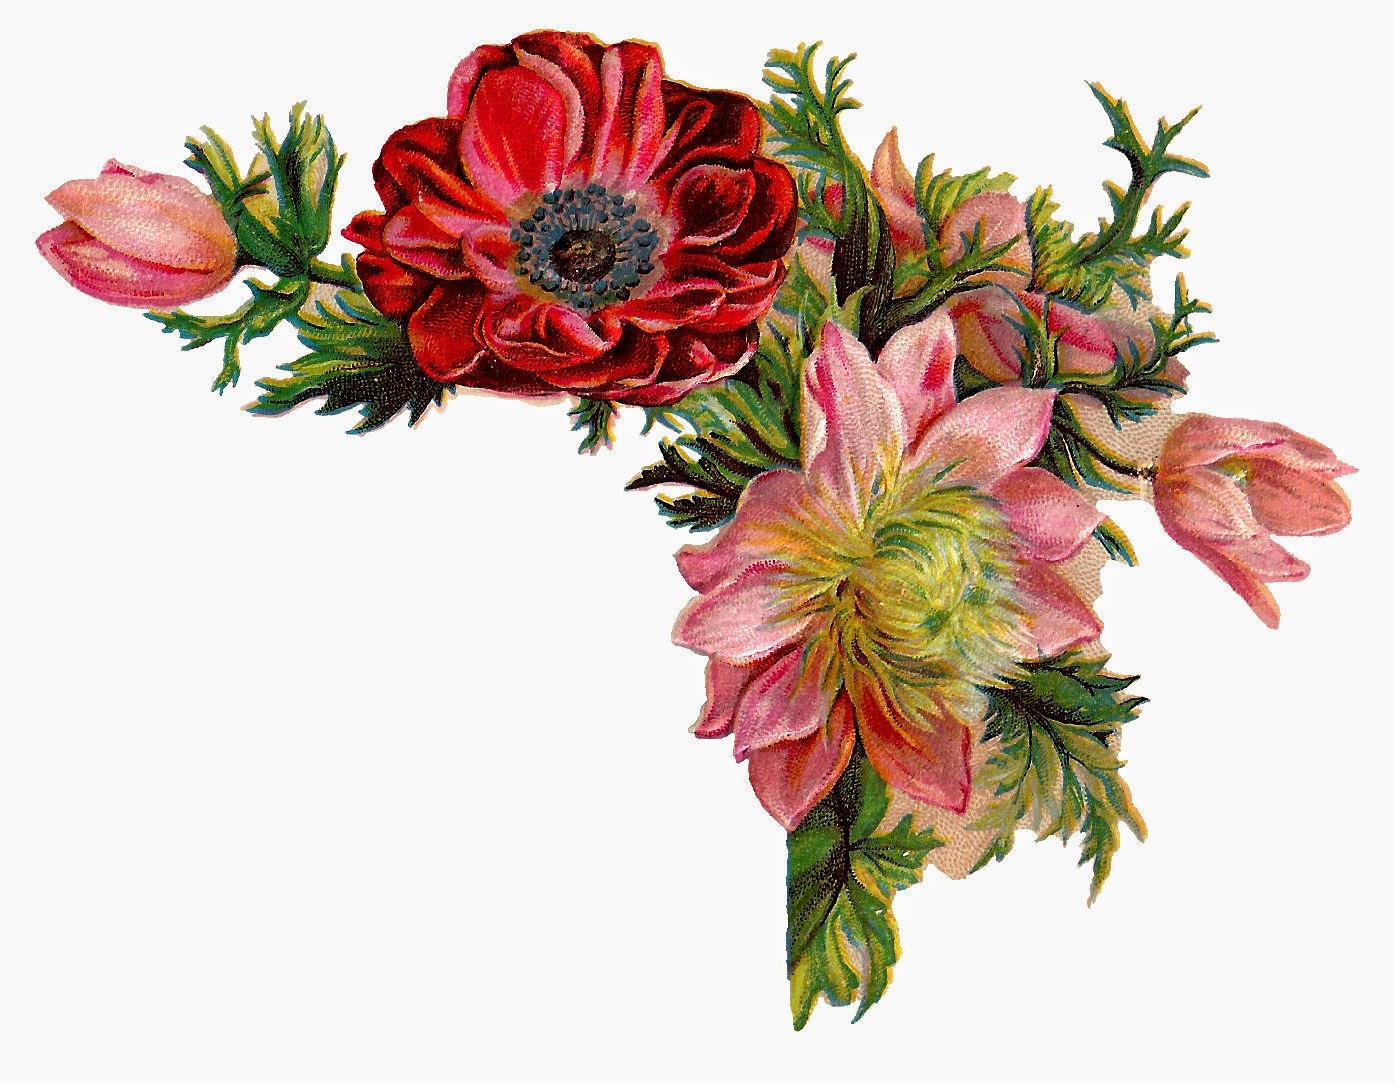 Antique Images: Free Digital Flower Images of Corner ...